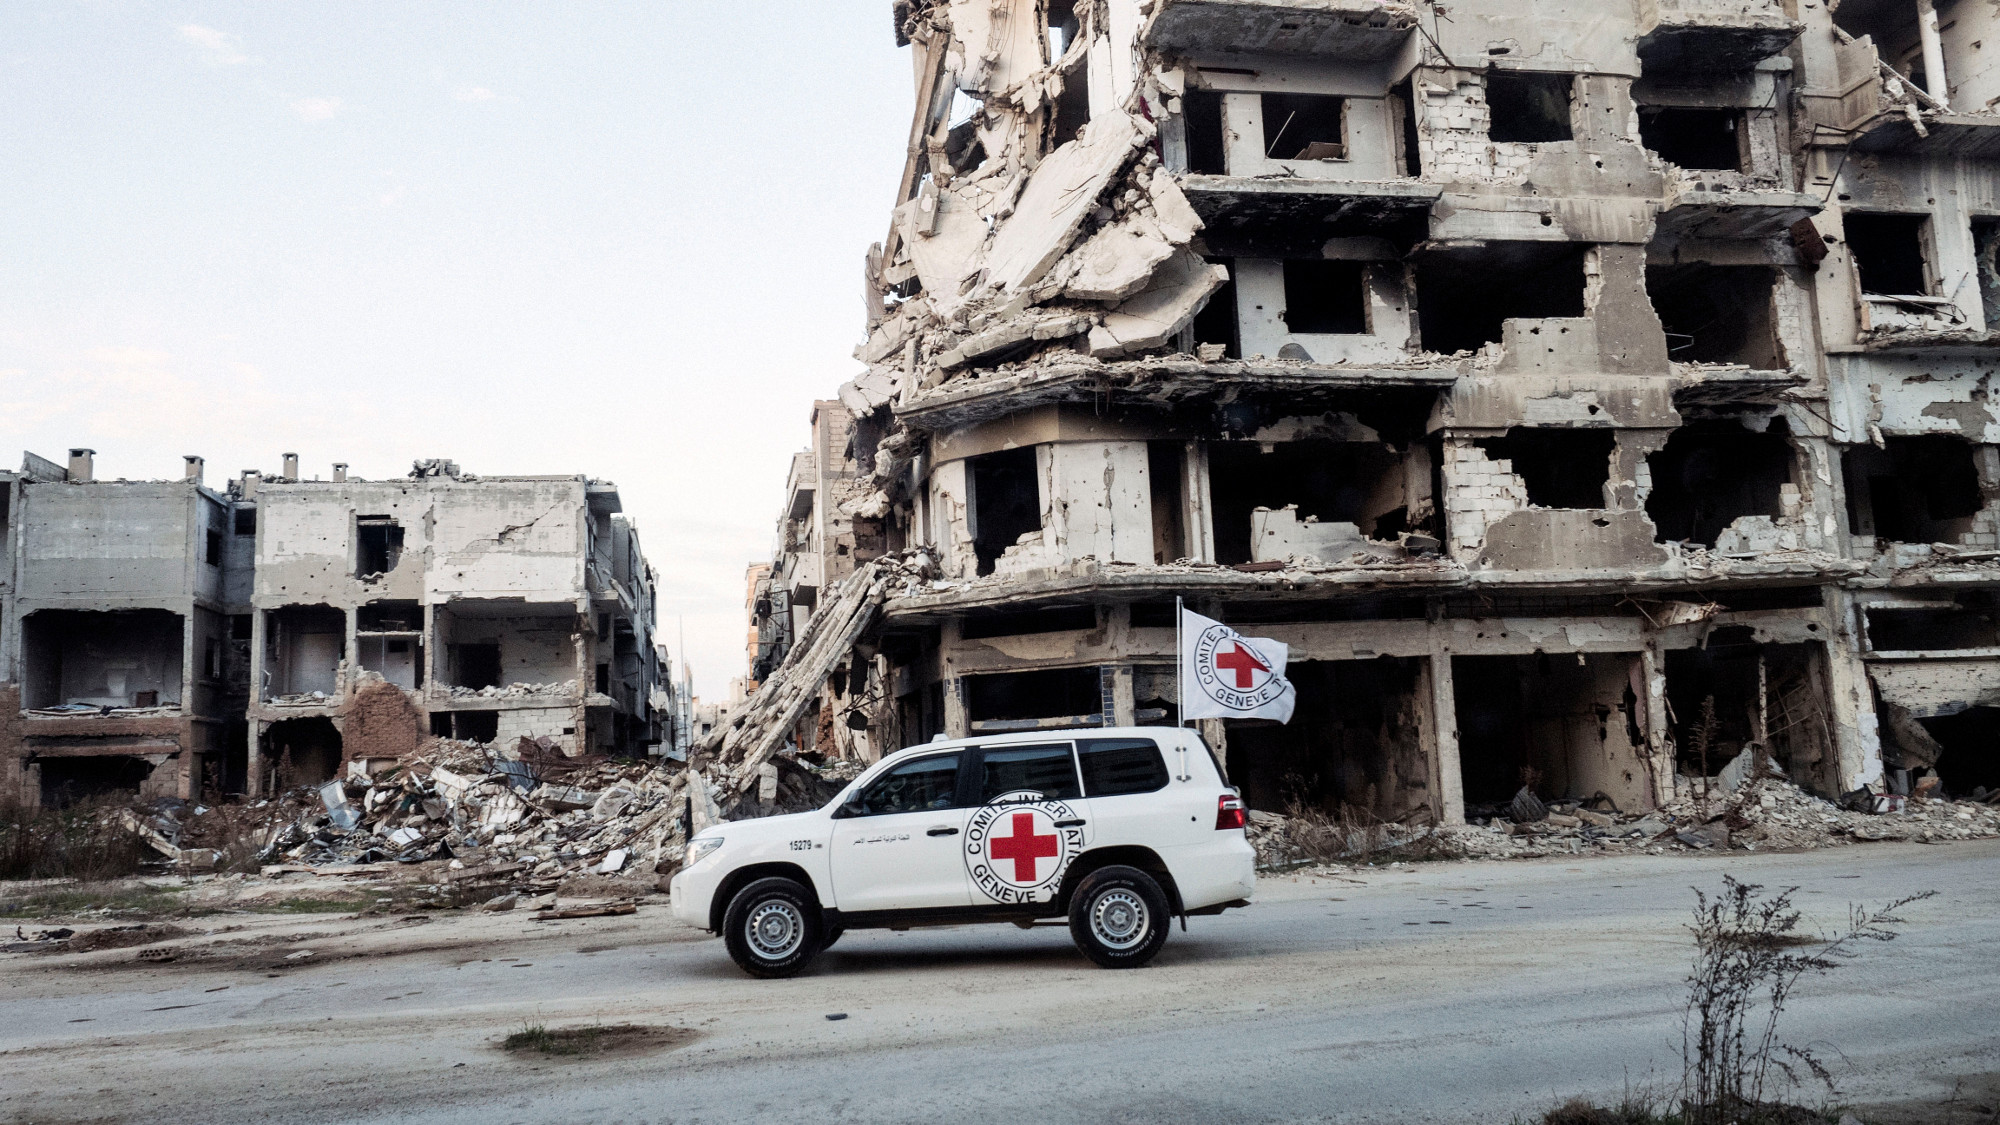 Pracownicy Międzynarodowego Czerwonego Krzyża podczas misji w Syrii (fot. archiwum prywatne Pawła Krzyśka)